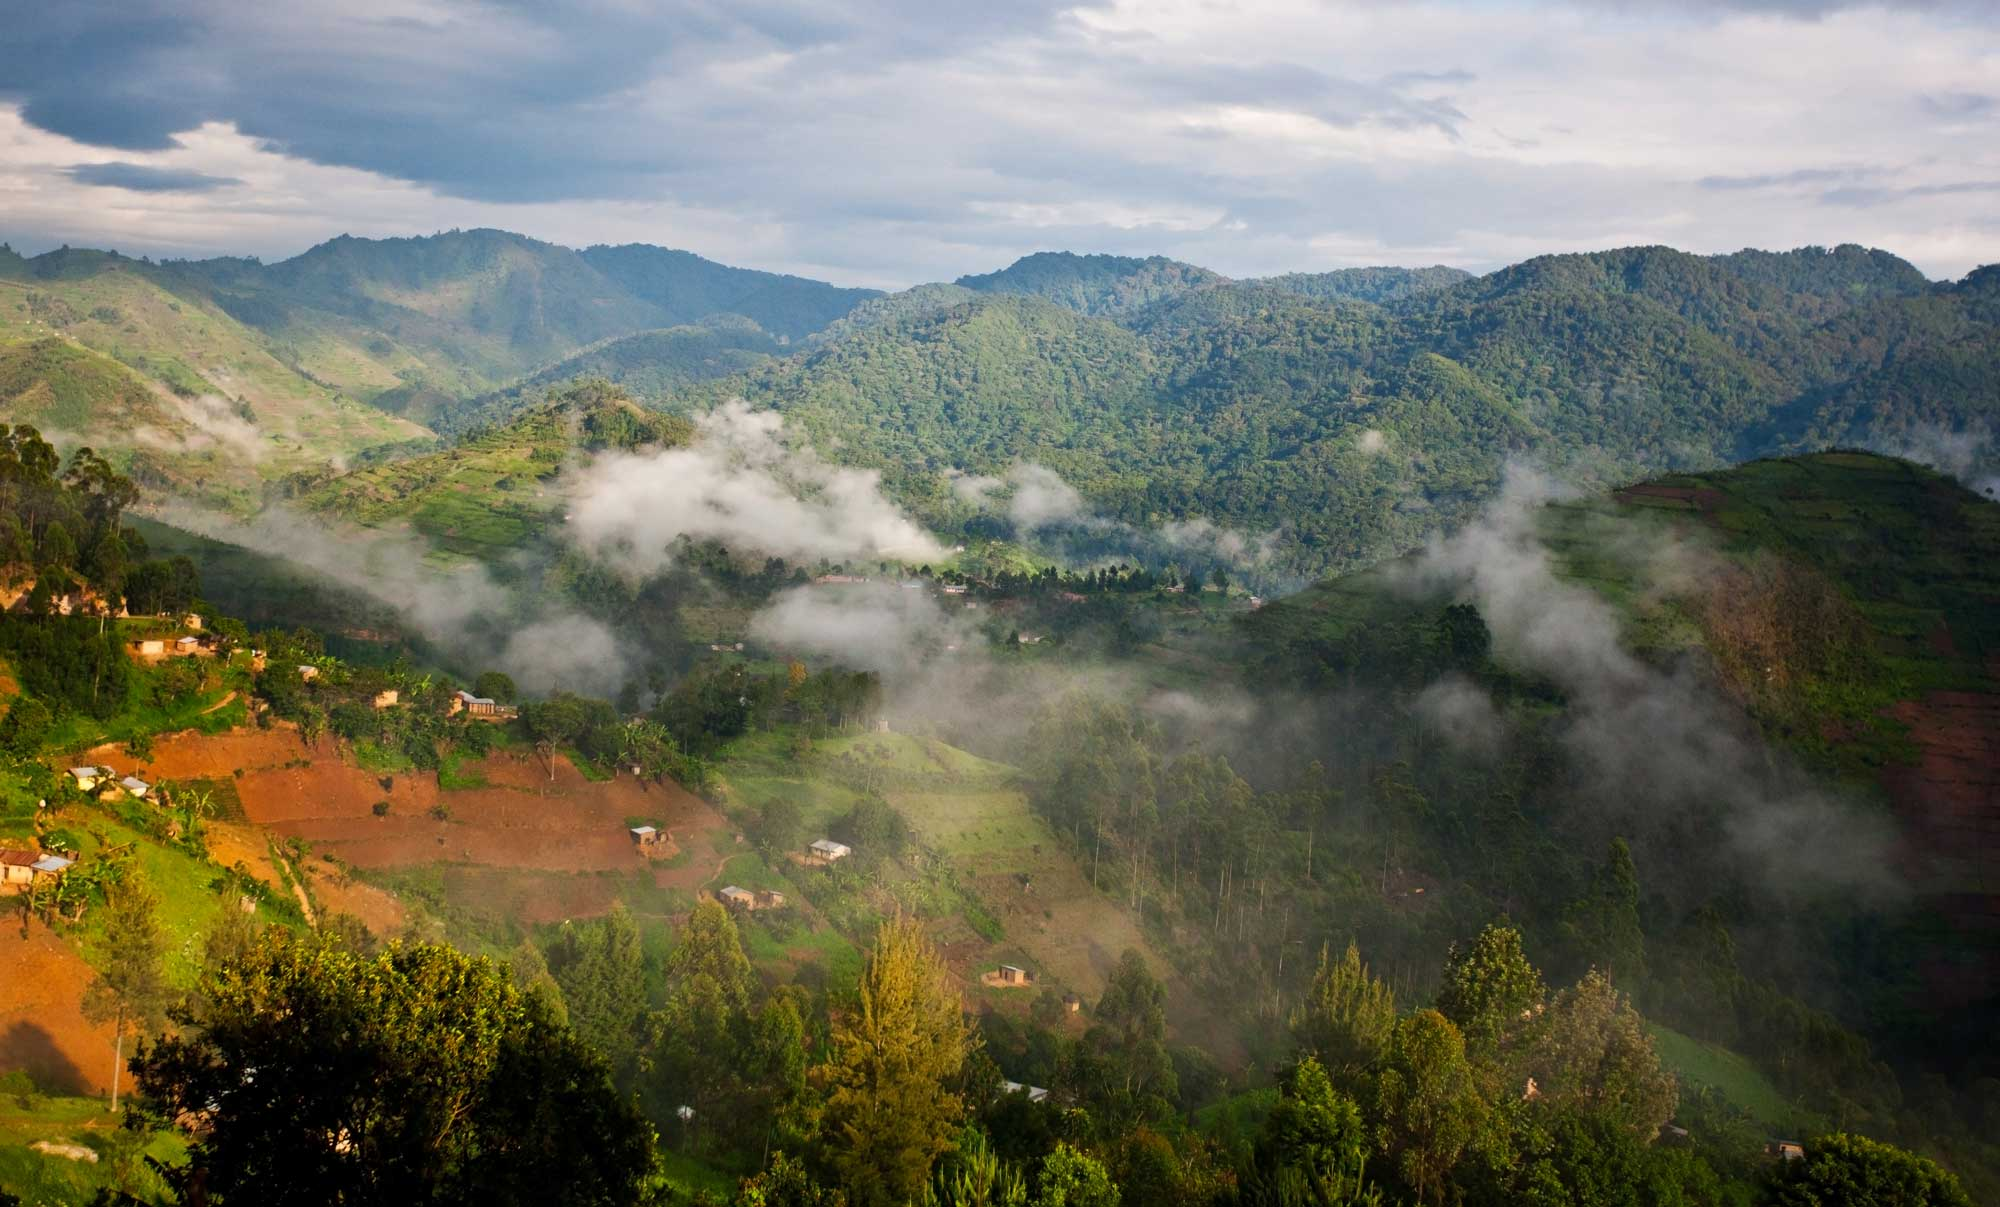 Bwindi Impenetrable National Park in Uganda